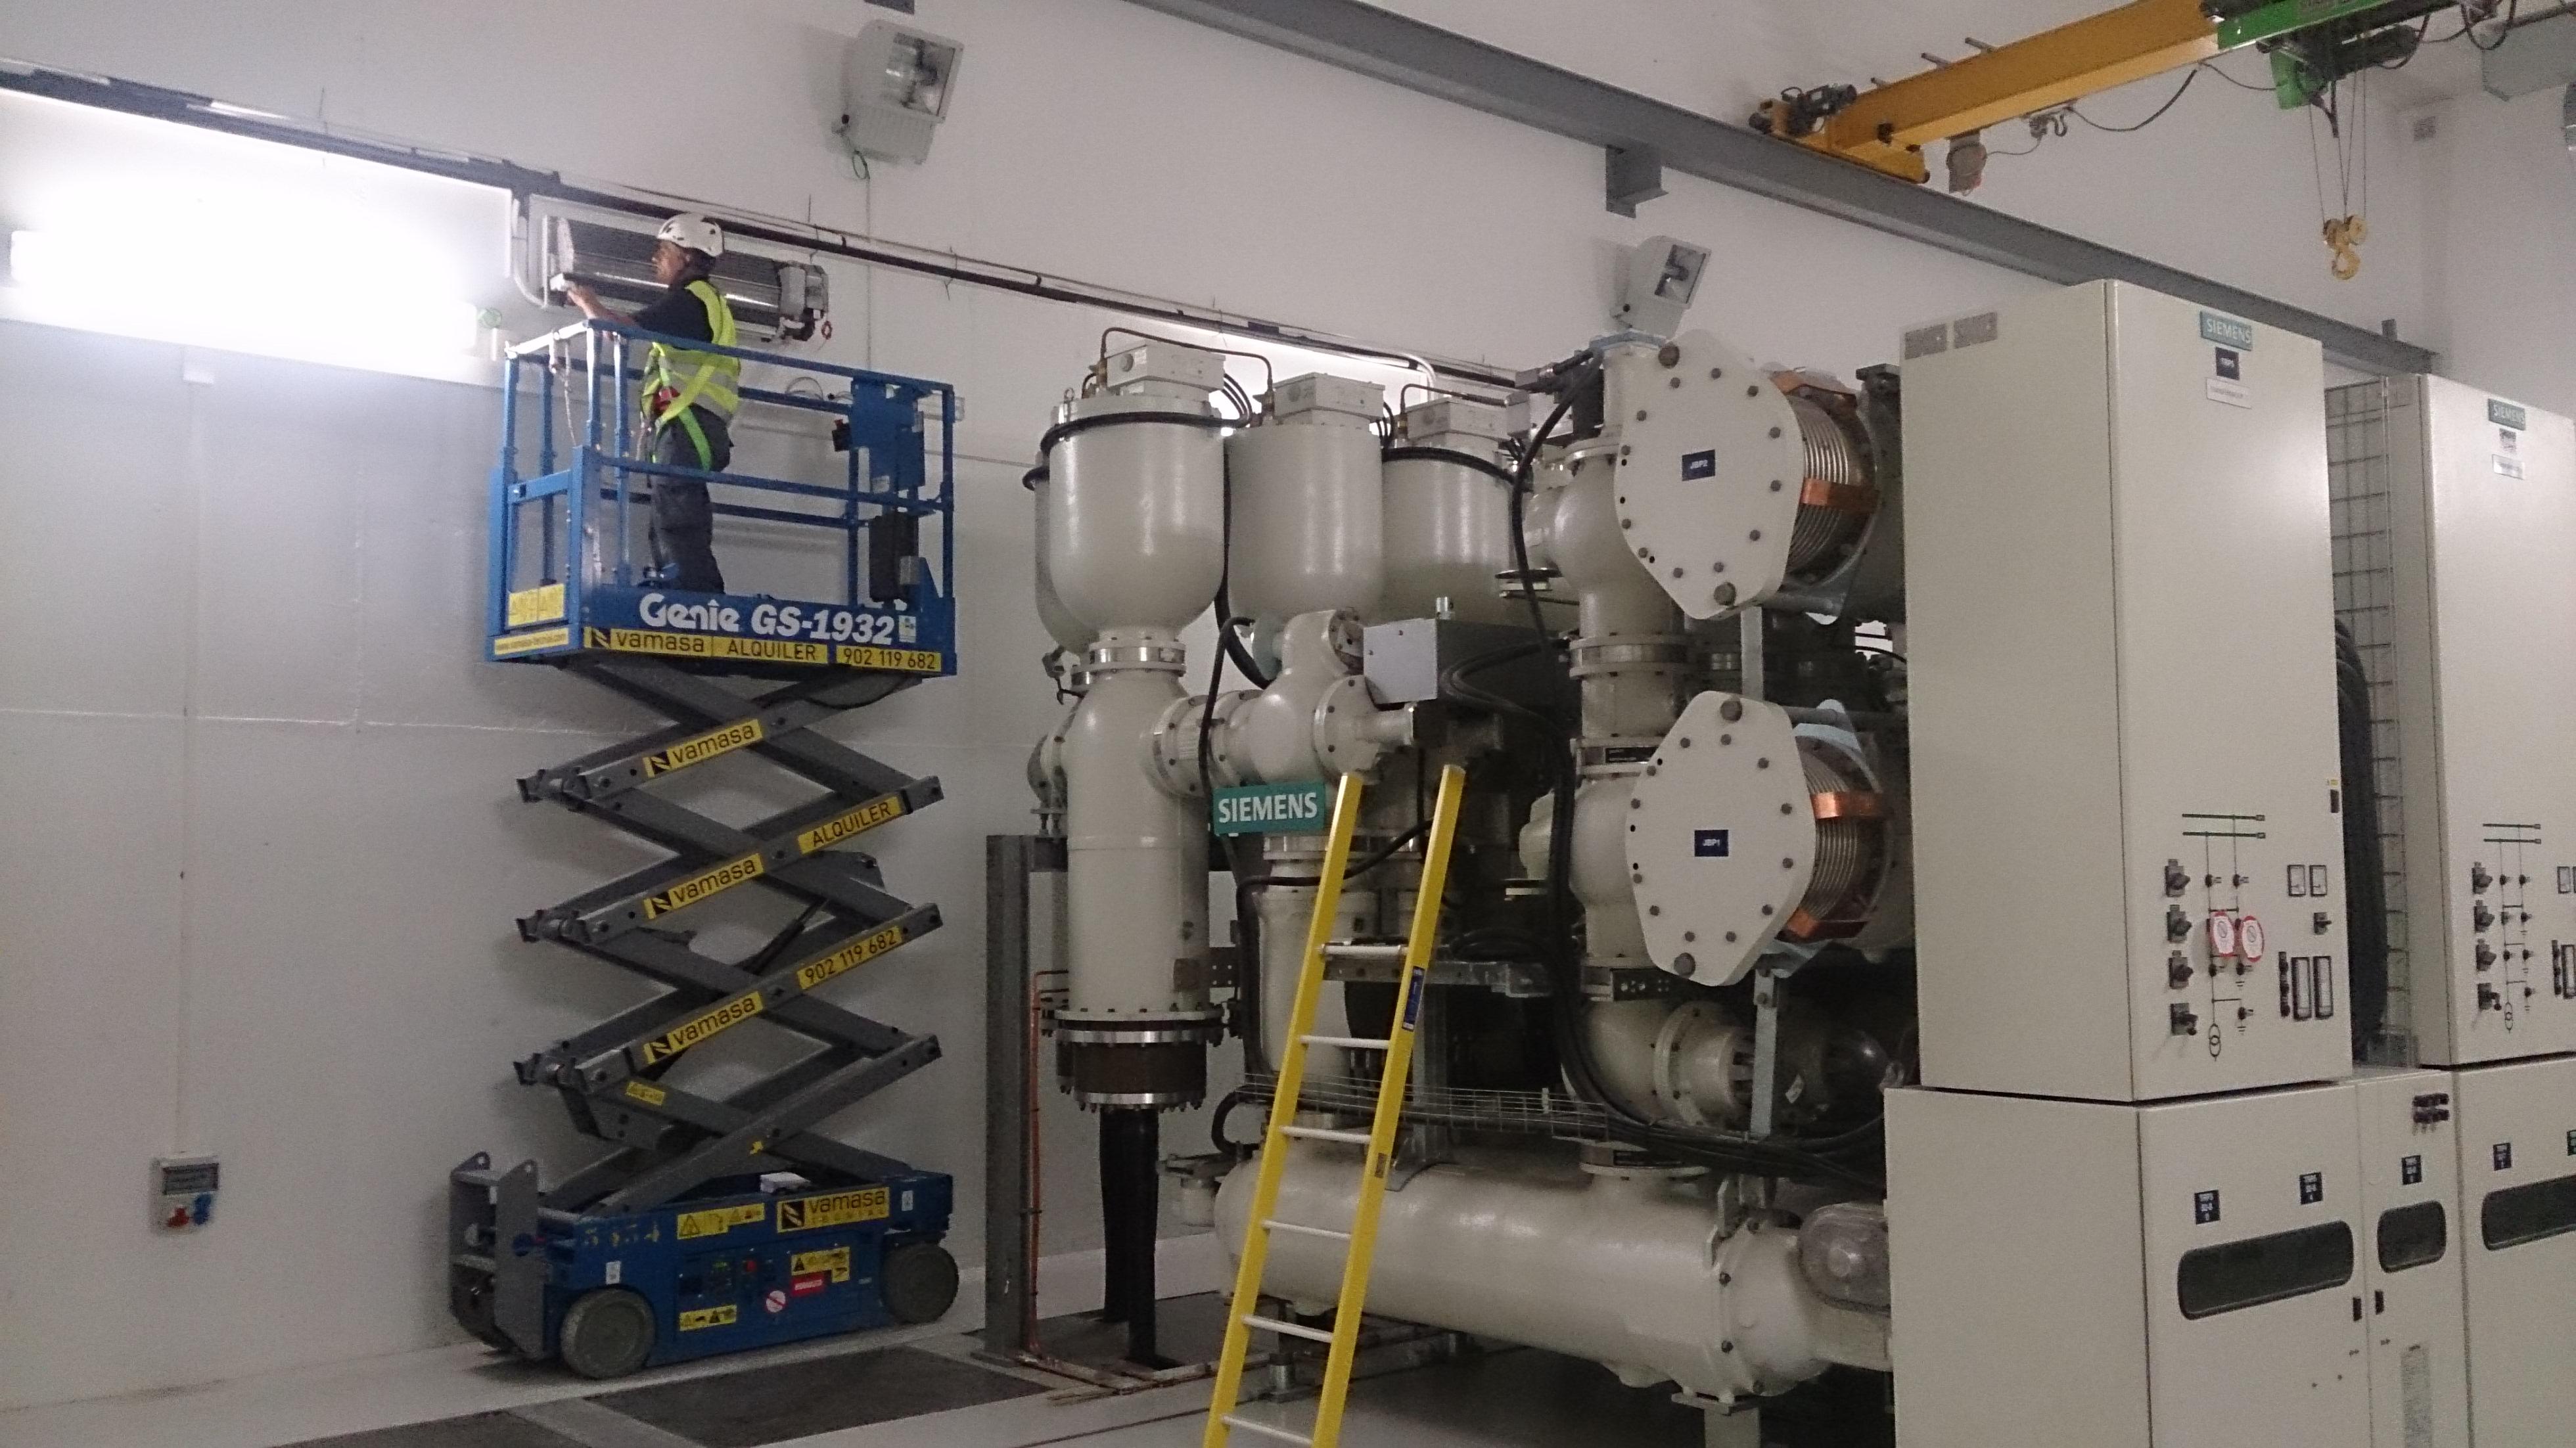 Climatizacion Varios centros GIS en Red Electrica Española 2015